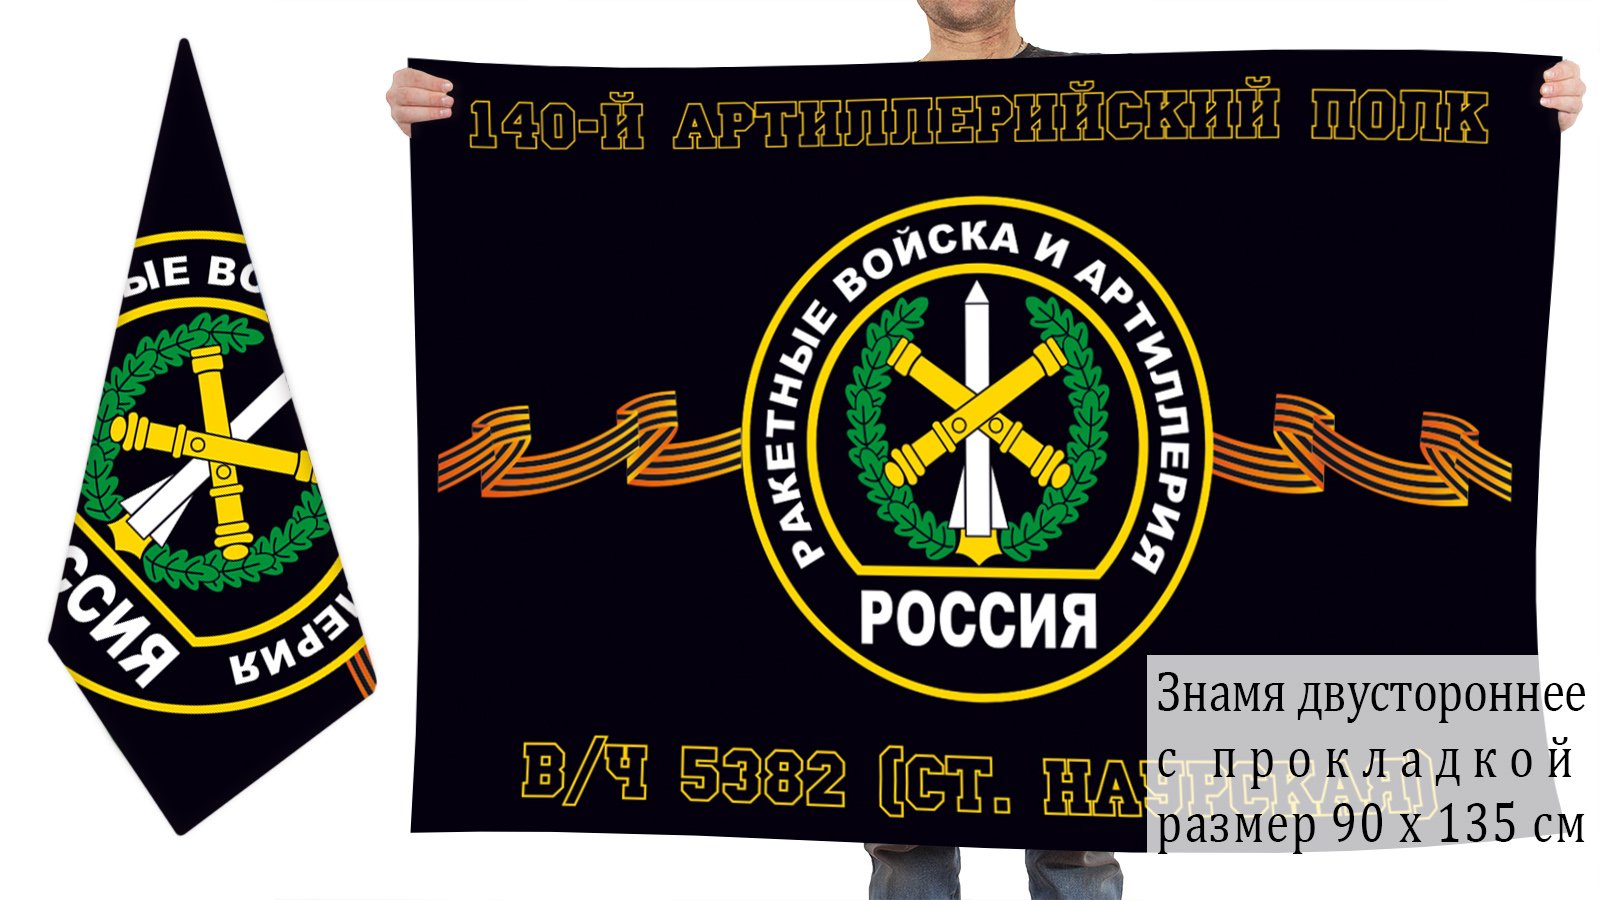 Двусторонний флаг РВиА 140 артиллерийского полка